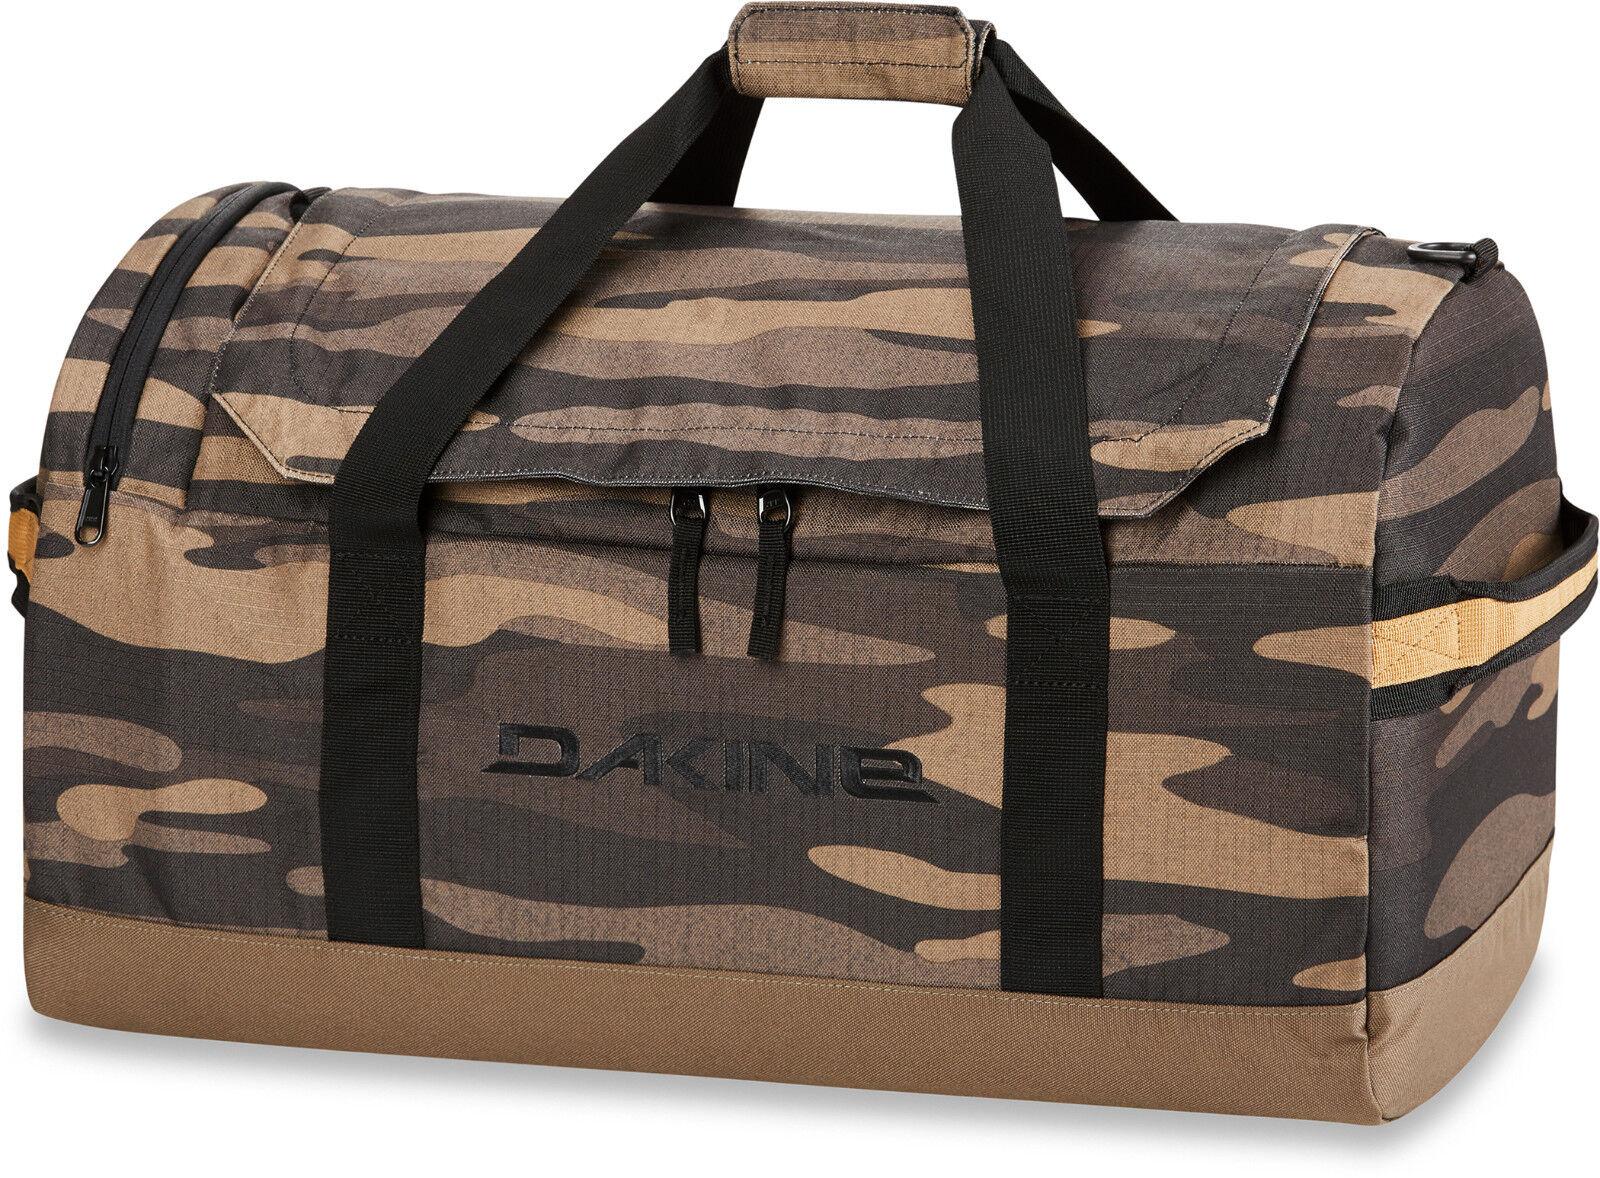 Dakine eq duffle 50l Bag bolsa de gimnasia bulto de 50 litros Field camo nuevo